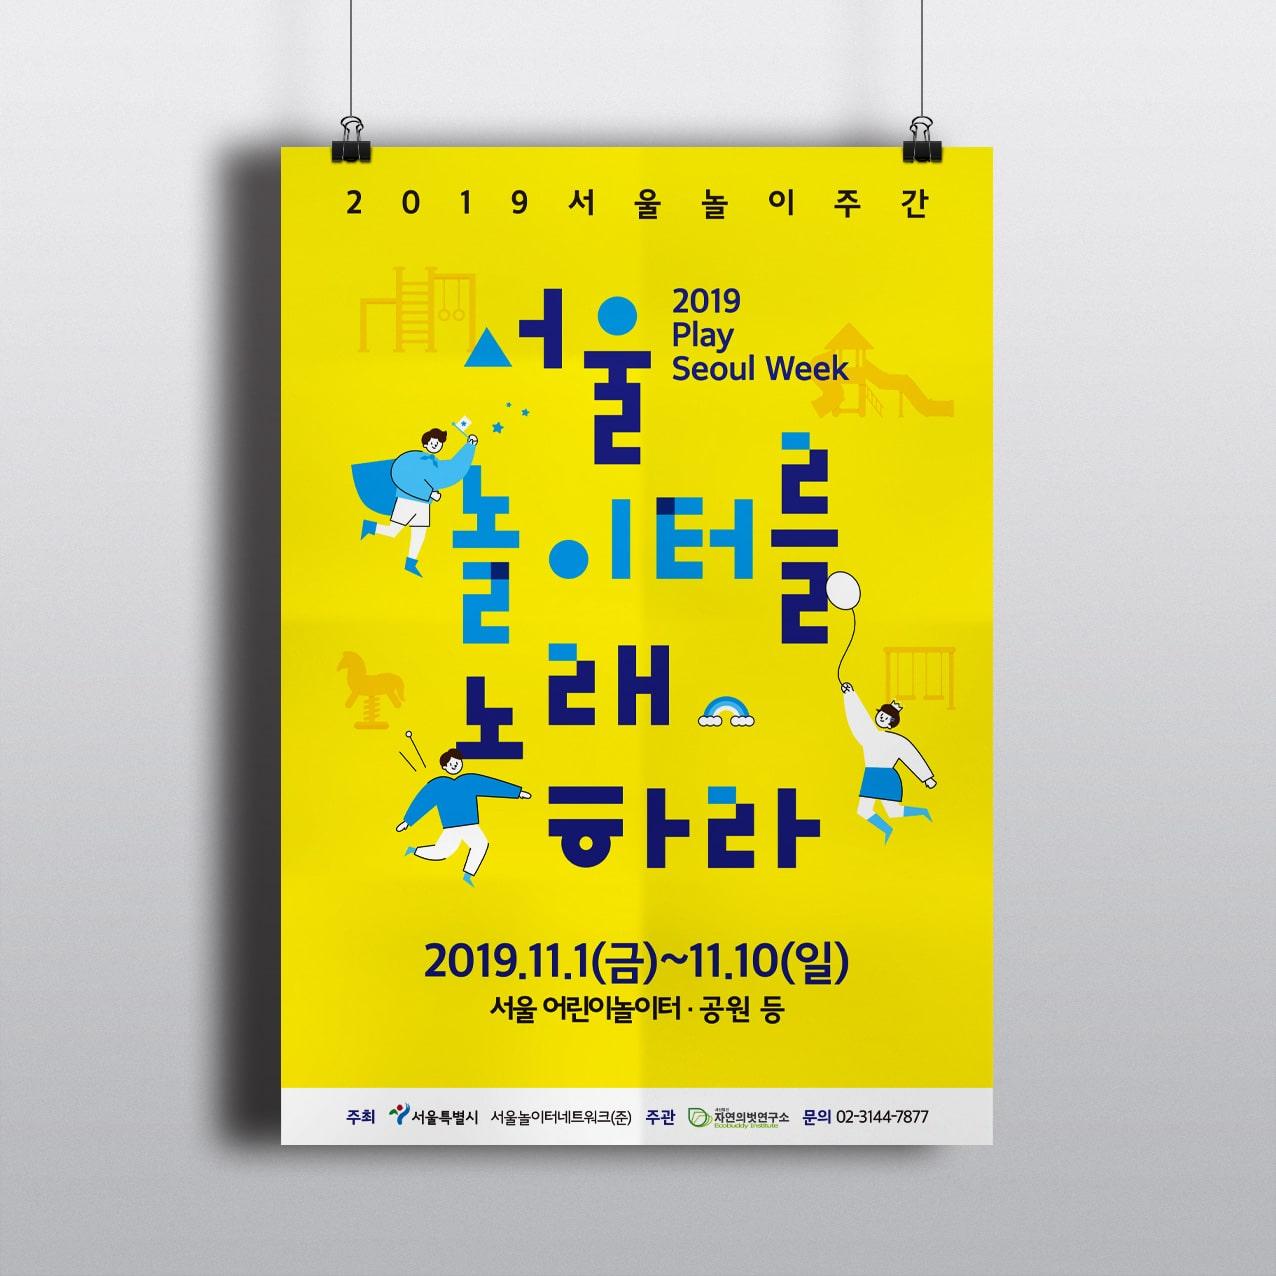 2019 서울놀이주간 서울 놀이터를 노래하라 포스터 디자인 시안 - 자연의벗연구소